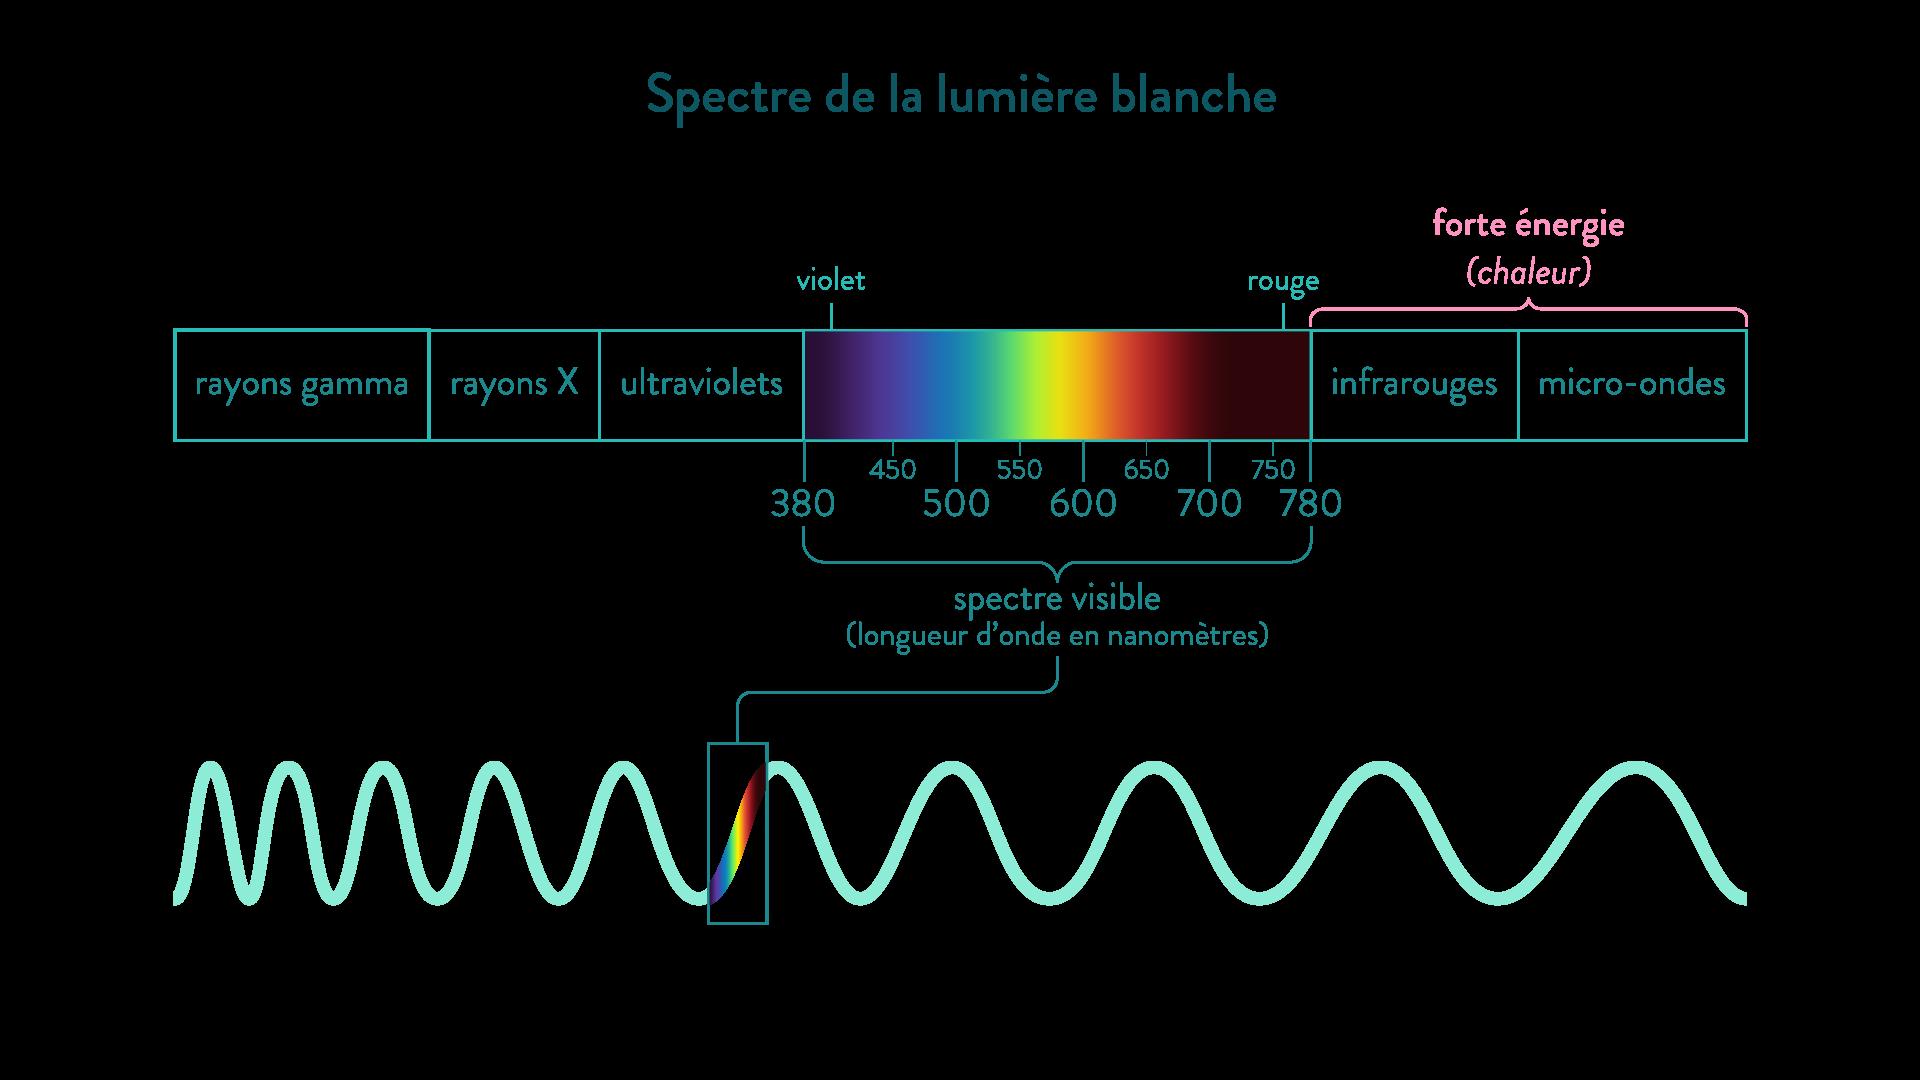 spectre lumière blanche longueur onde